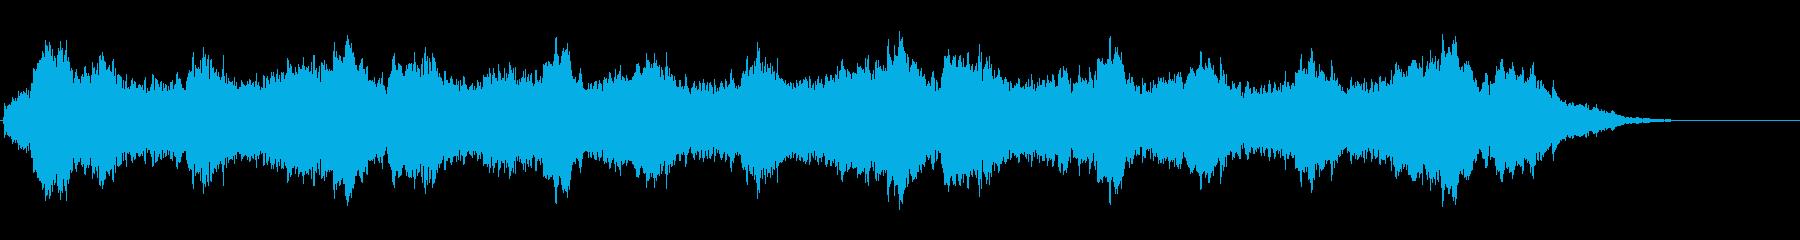 夜のジャングルを徘徊してるような音風景2の再生済みの波形